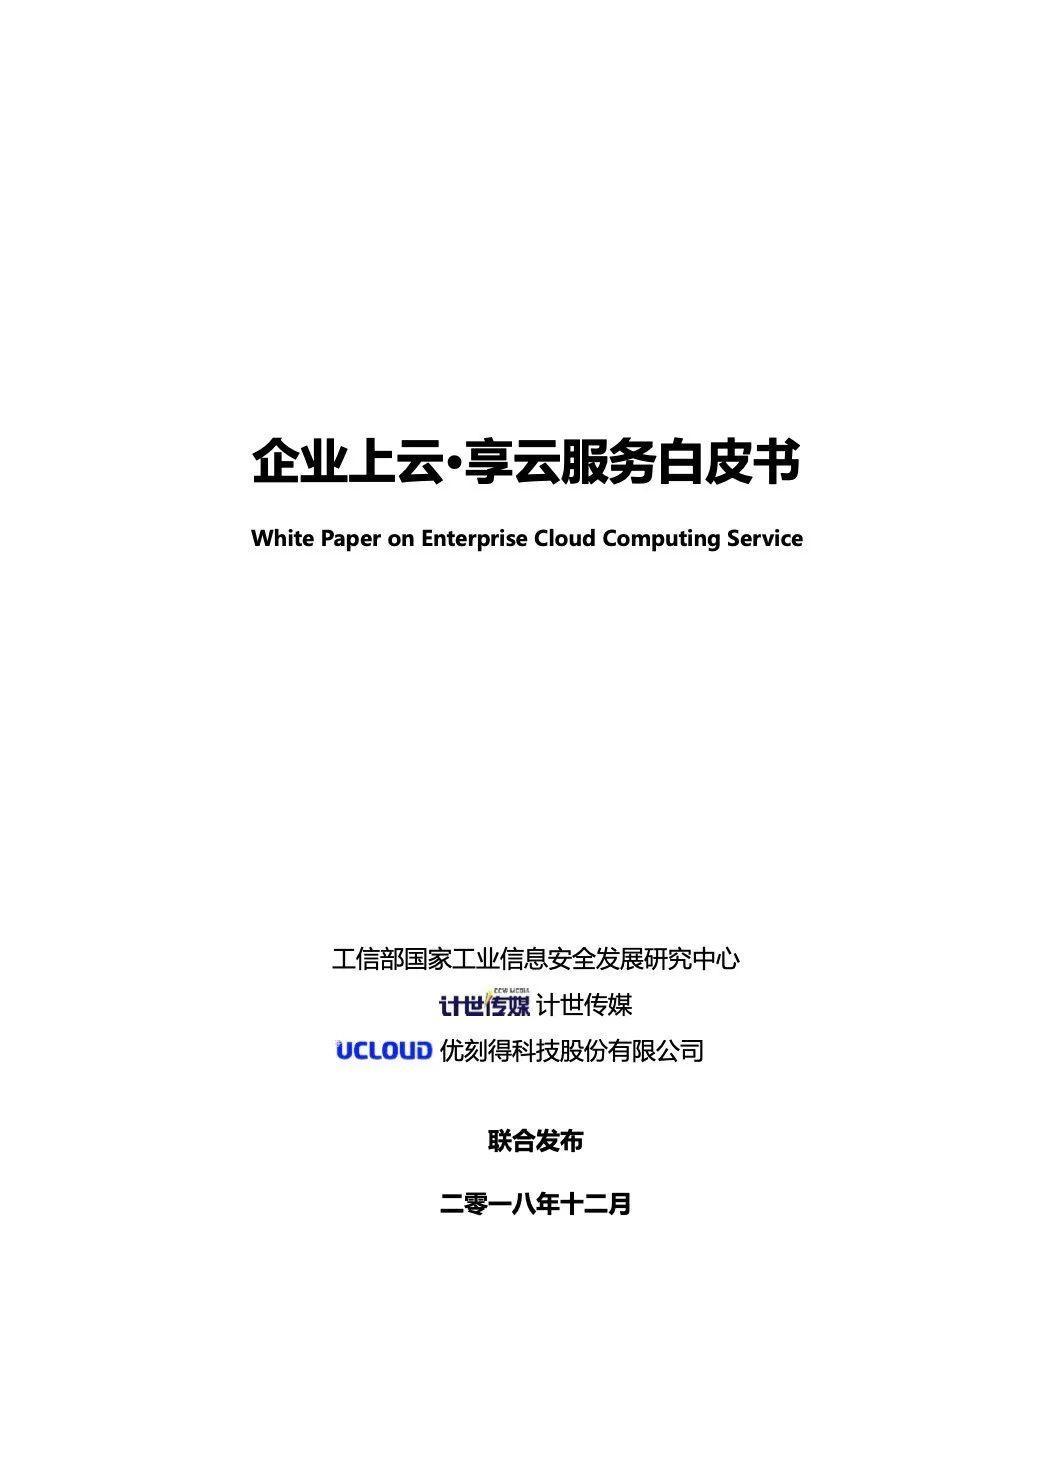 工信部:企业上云享云服务白皮书